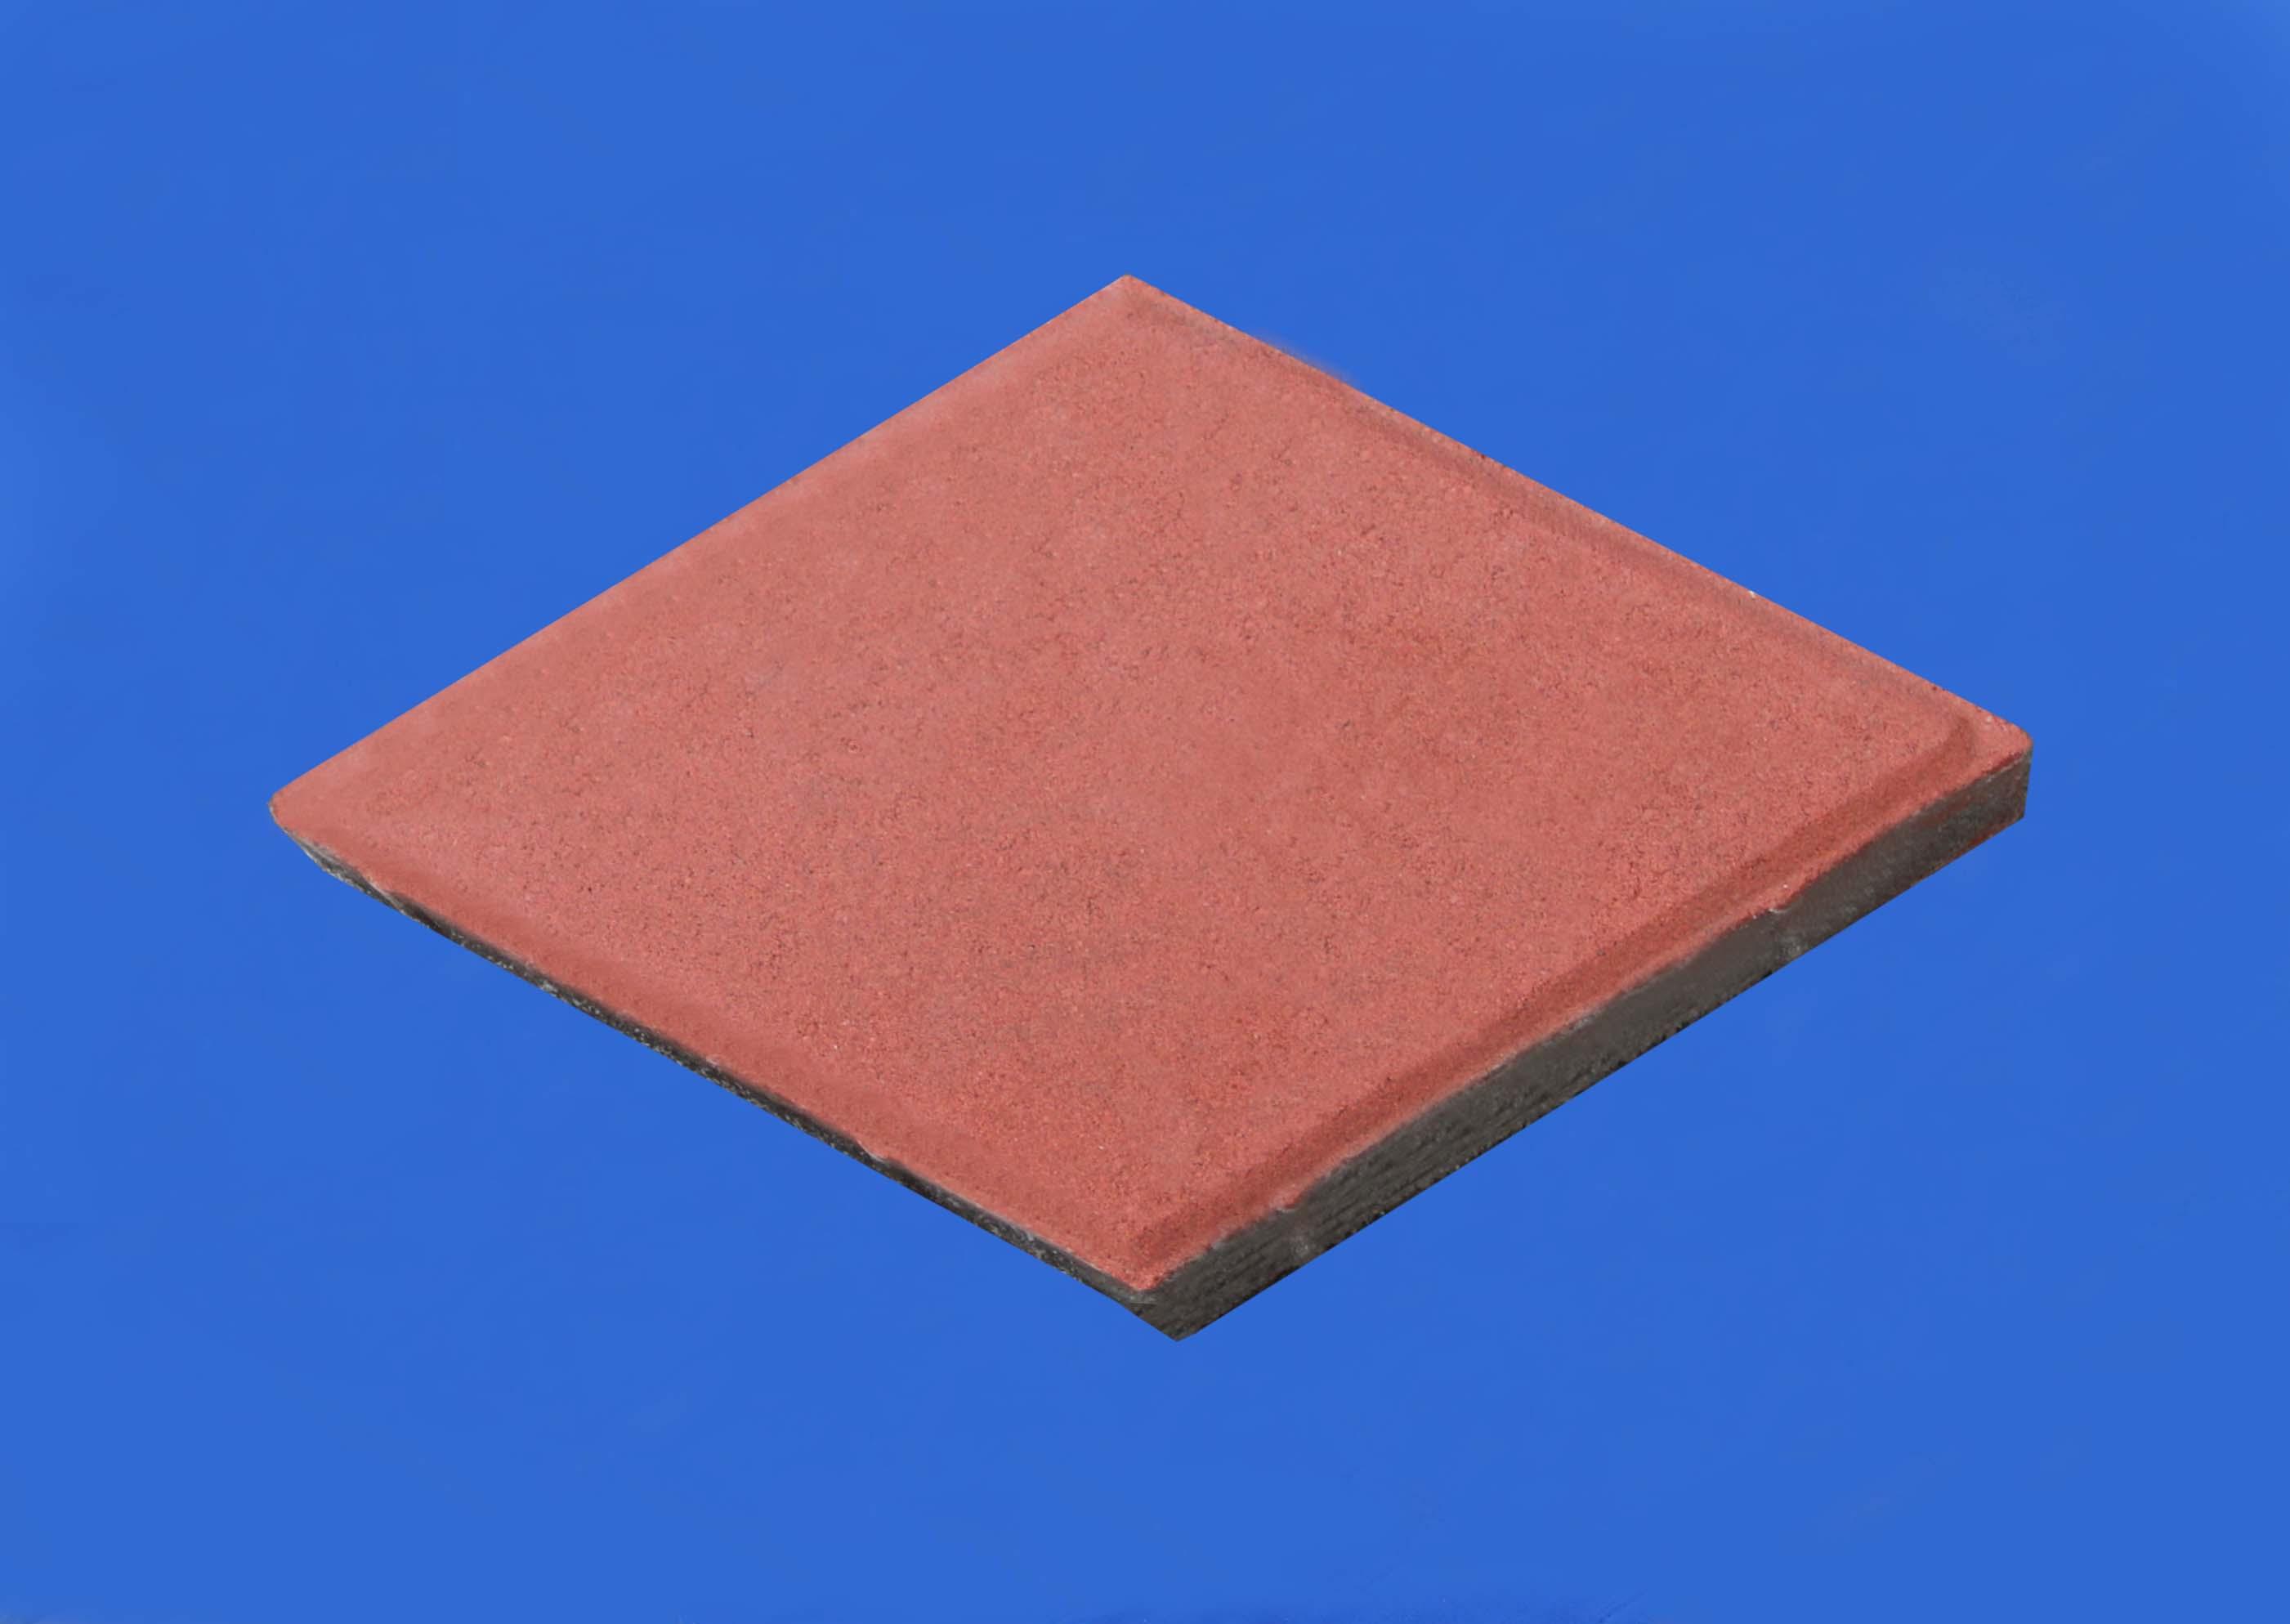 彩色路面磚系列之紅色菱形磚